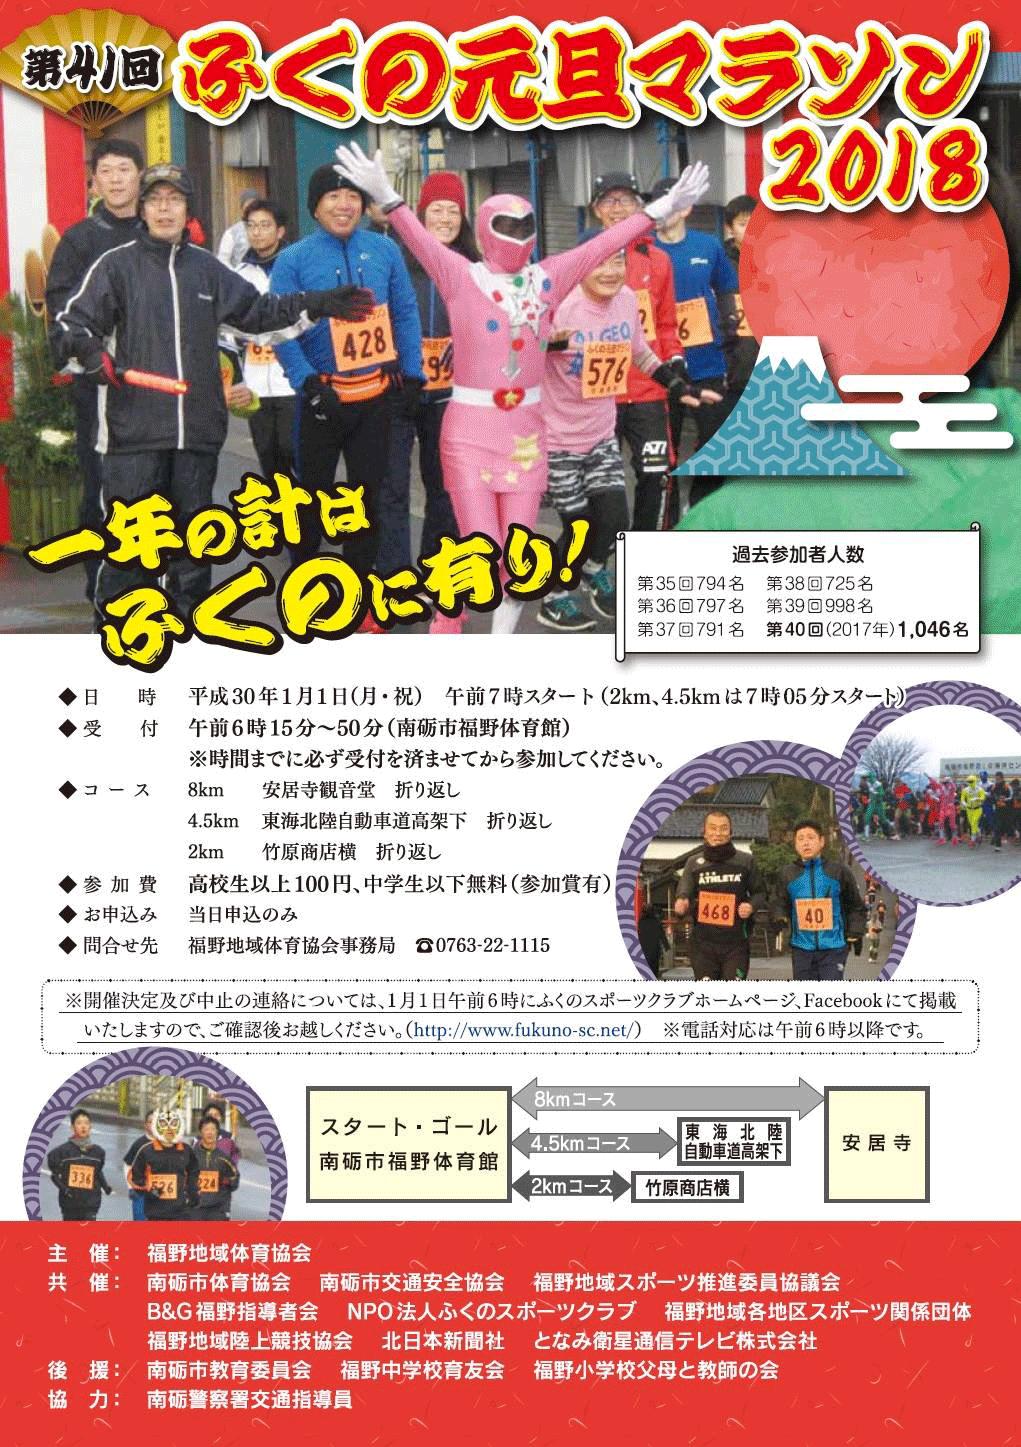 福野元旦マラソン2018